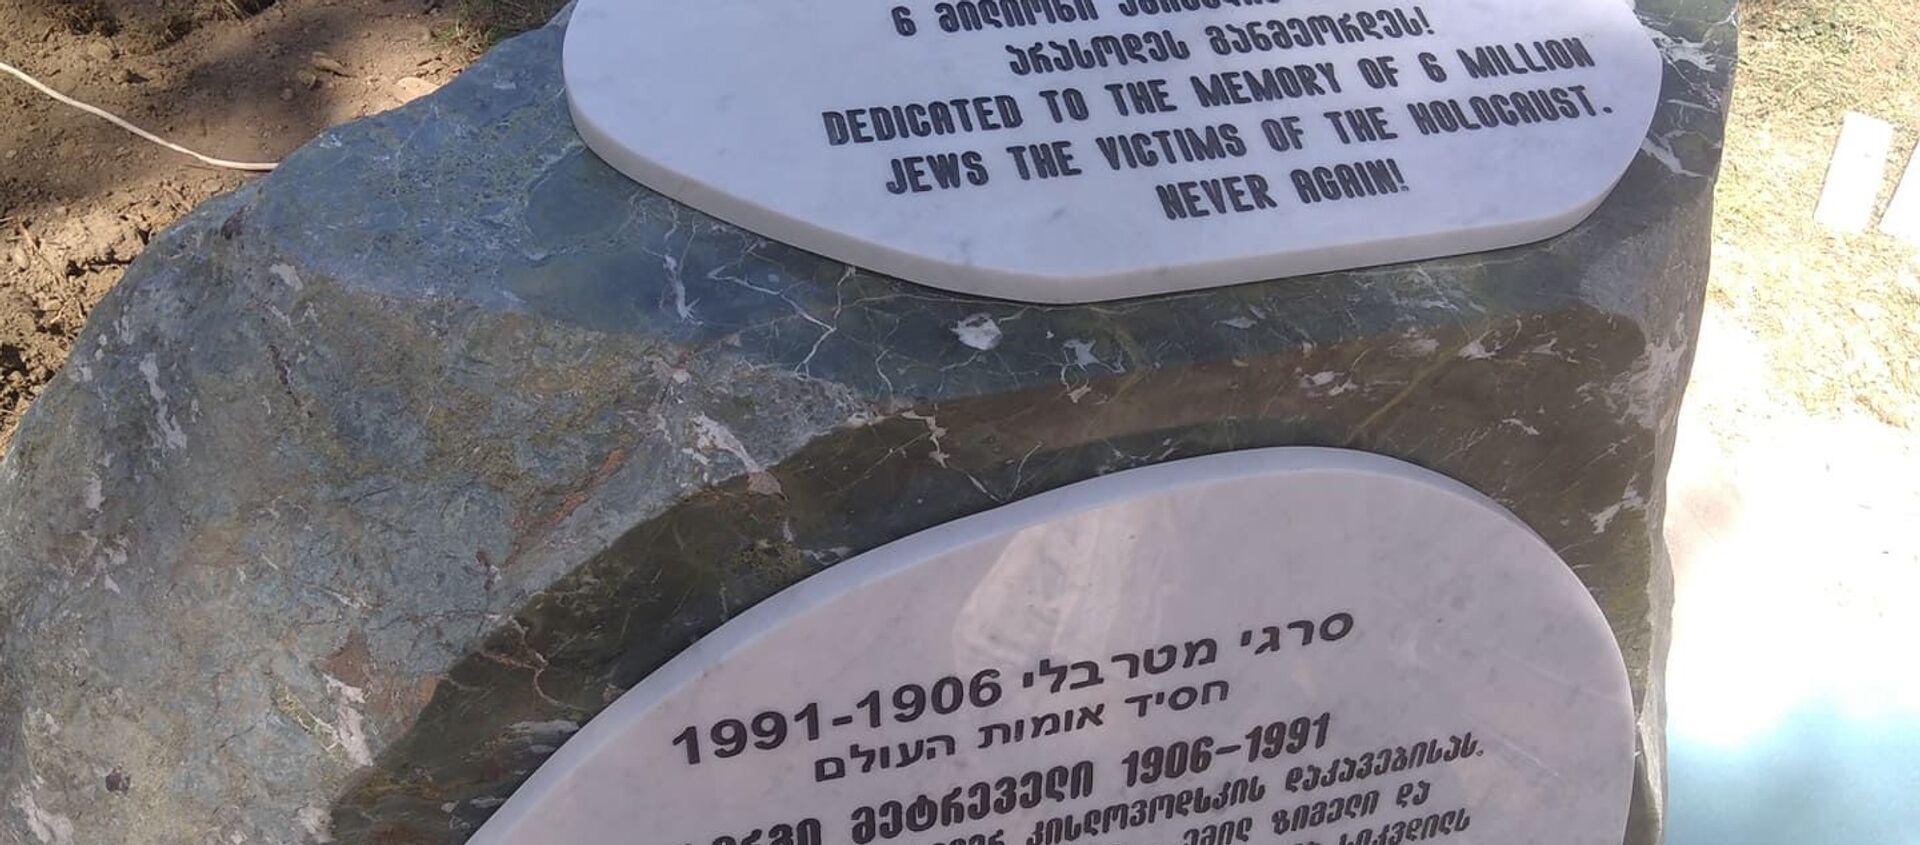 Памятник грузинскому Шиндлеру – Серги Метревели и жертвам Холокоста - Sputnik Грузия, 1920, 02.09.2020